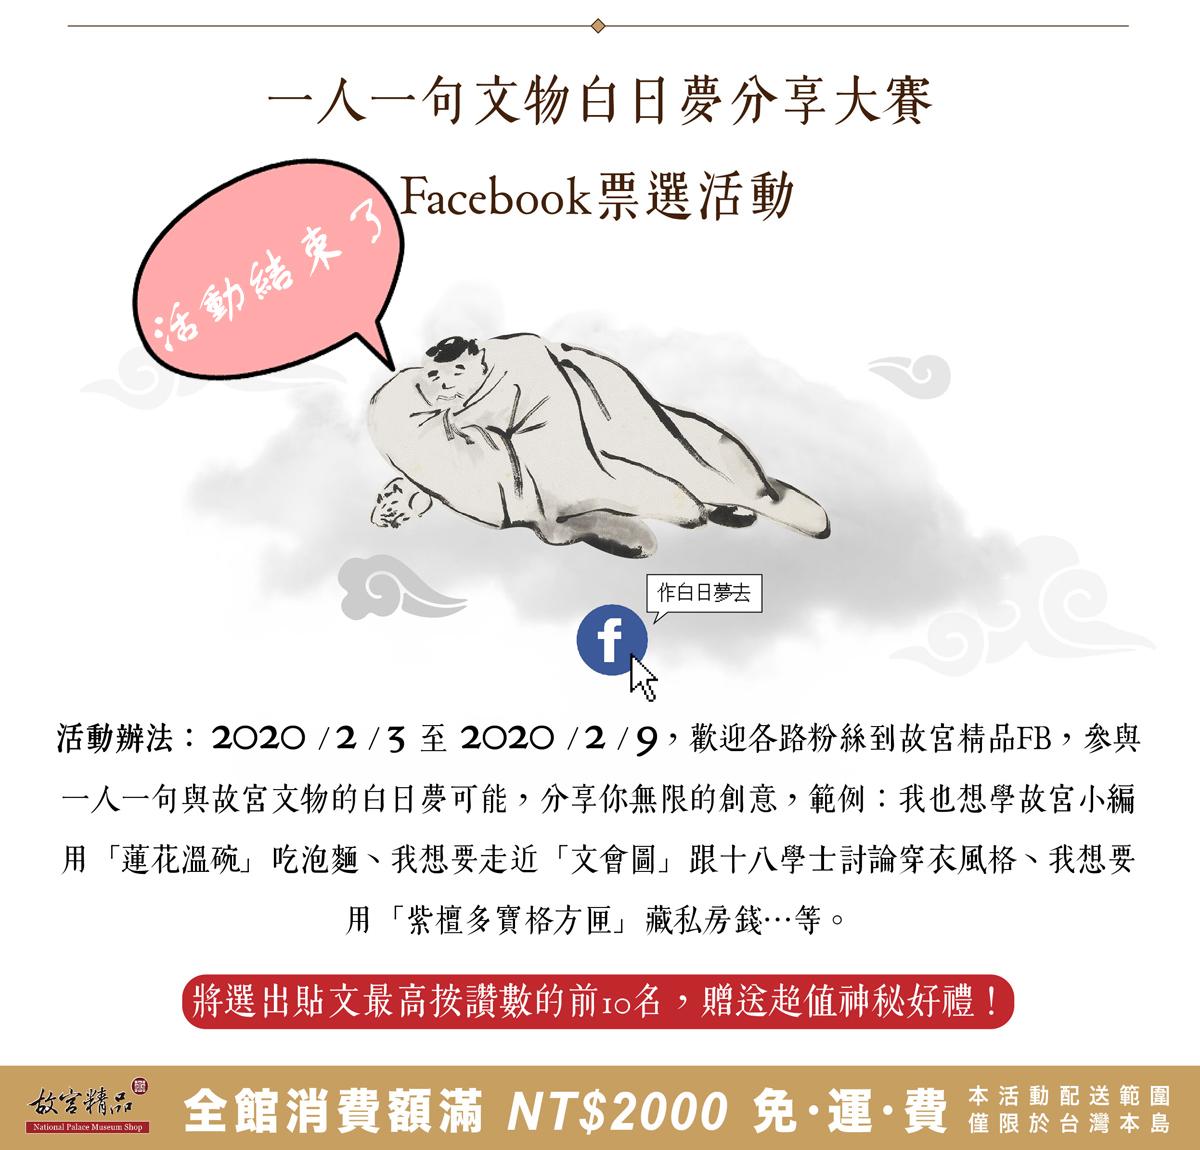 一人一句文物白日夢分享大賽 Facebook票選活動 已結束!